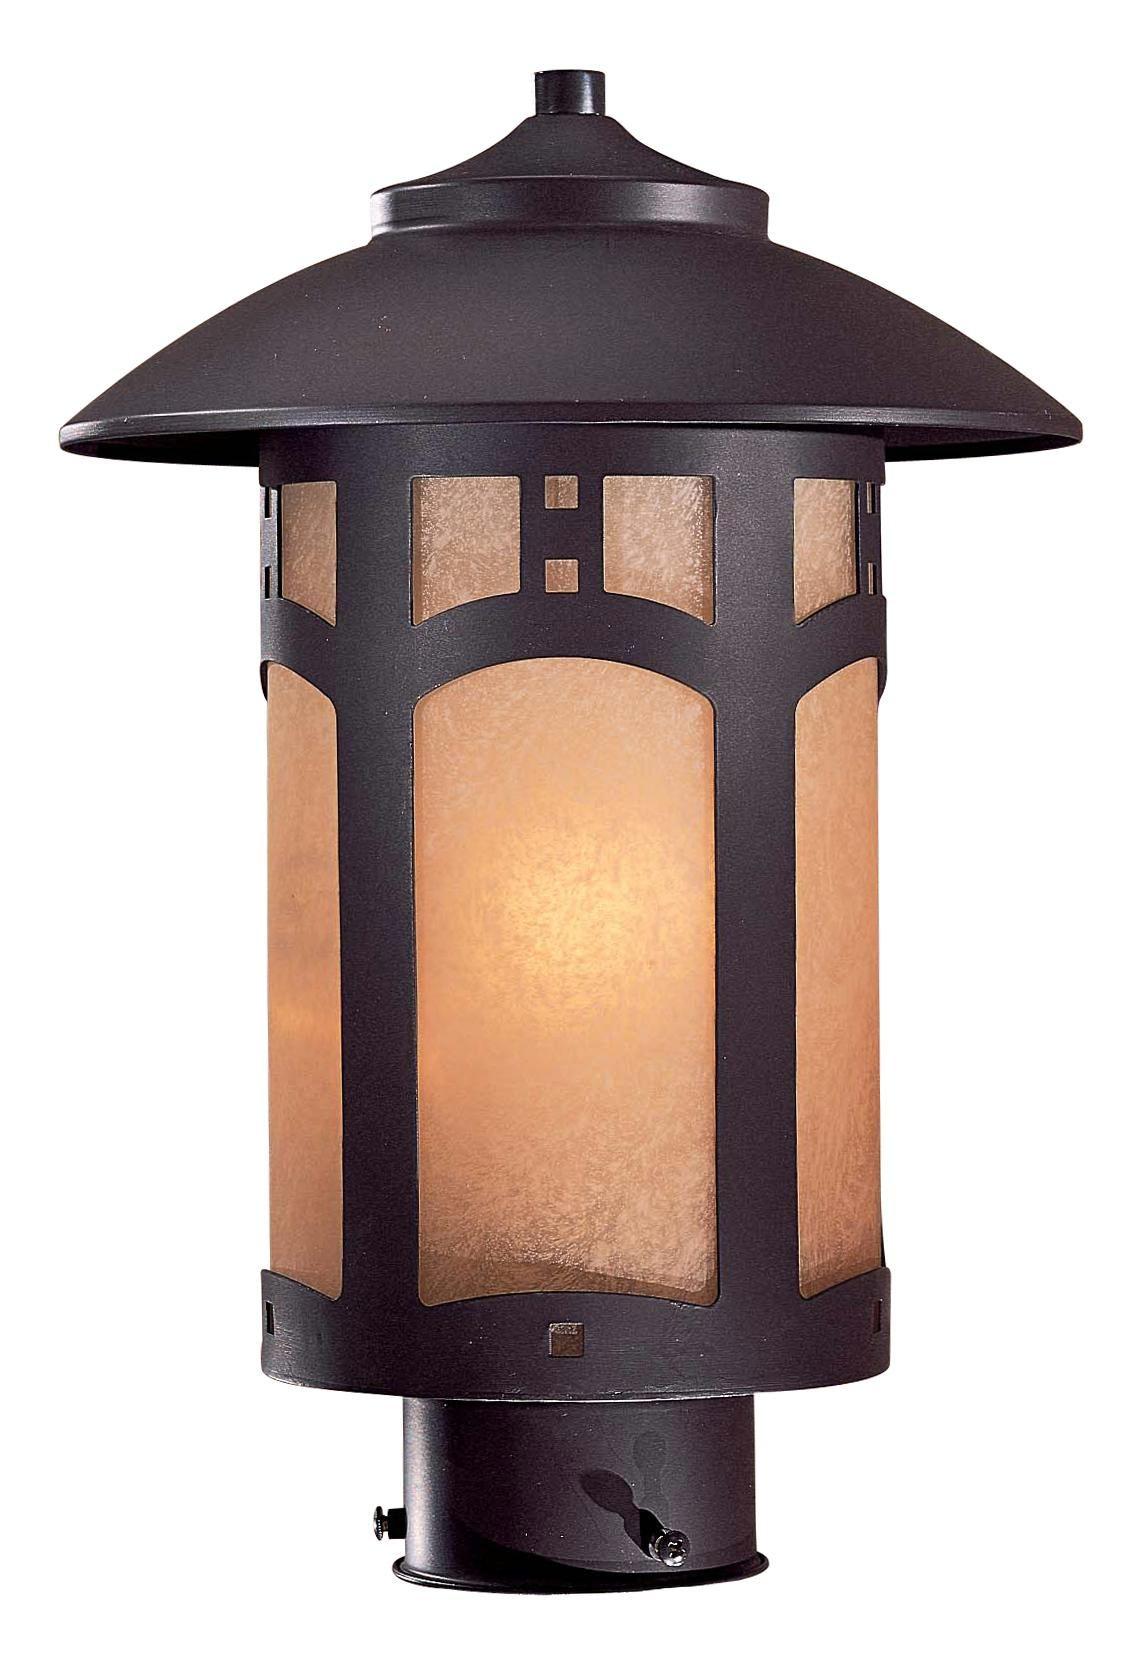 Beacon Rhodes Collection 14 1 2 High Outdoor Post Light 41767 Lamps Plus Outdoor Post Lights Outdoor Lamp Posts Lantern Post